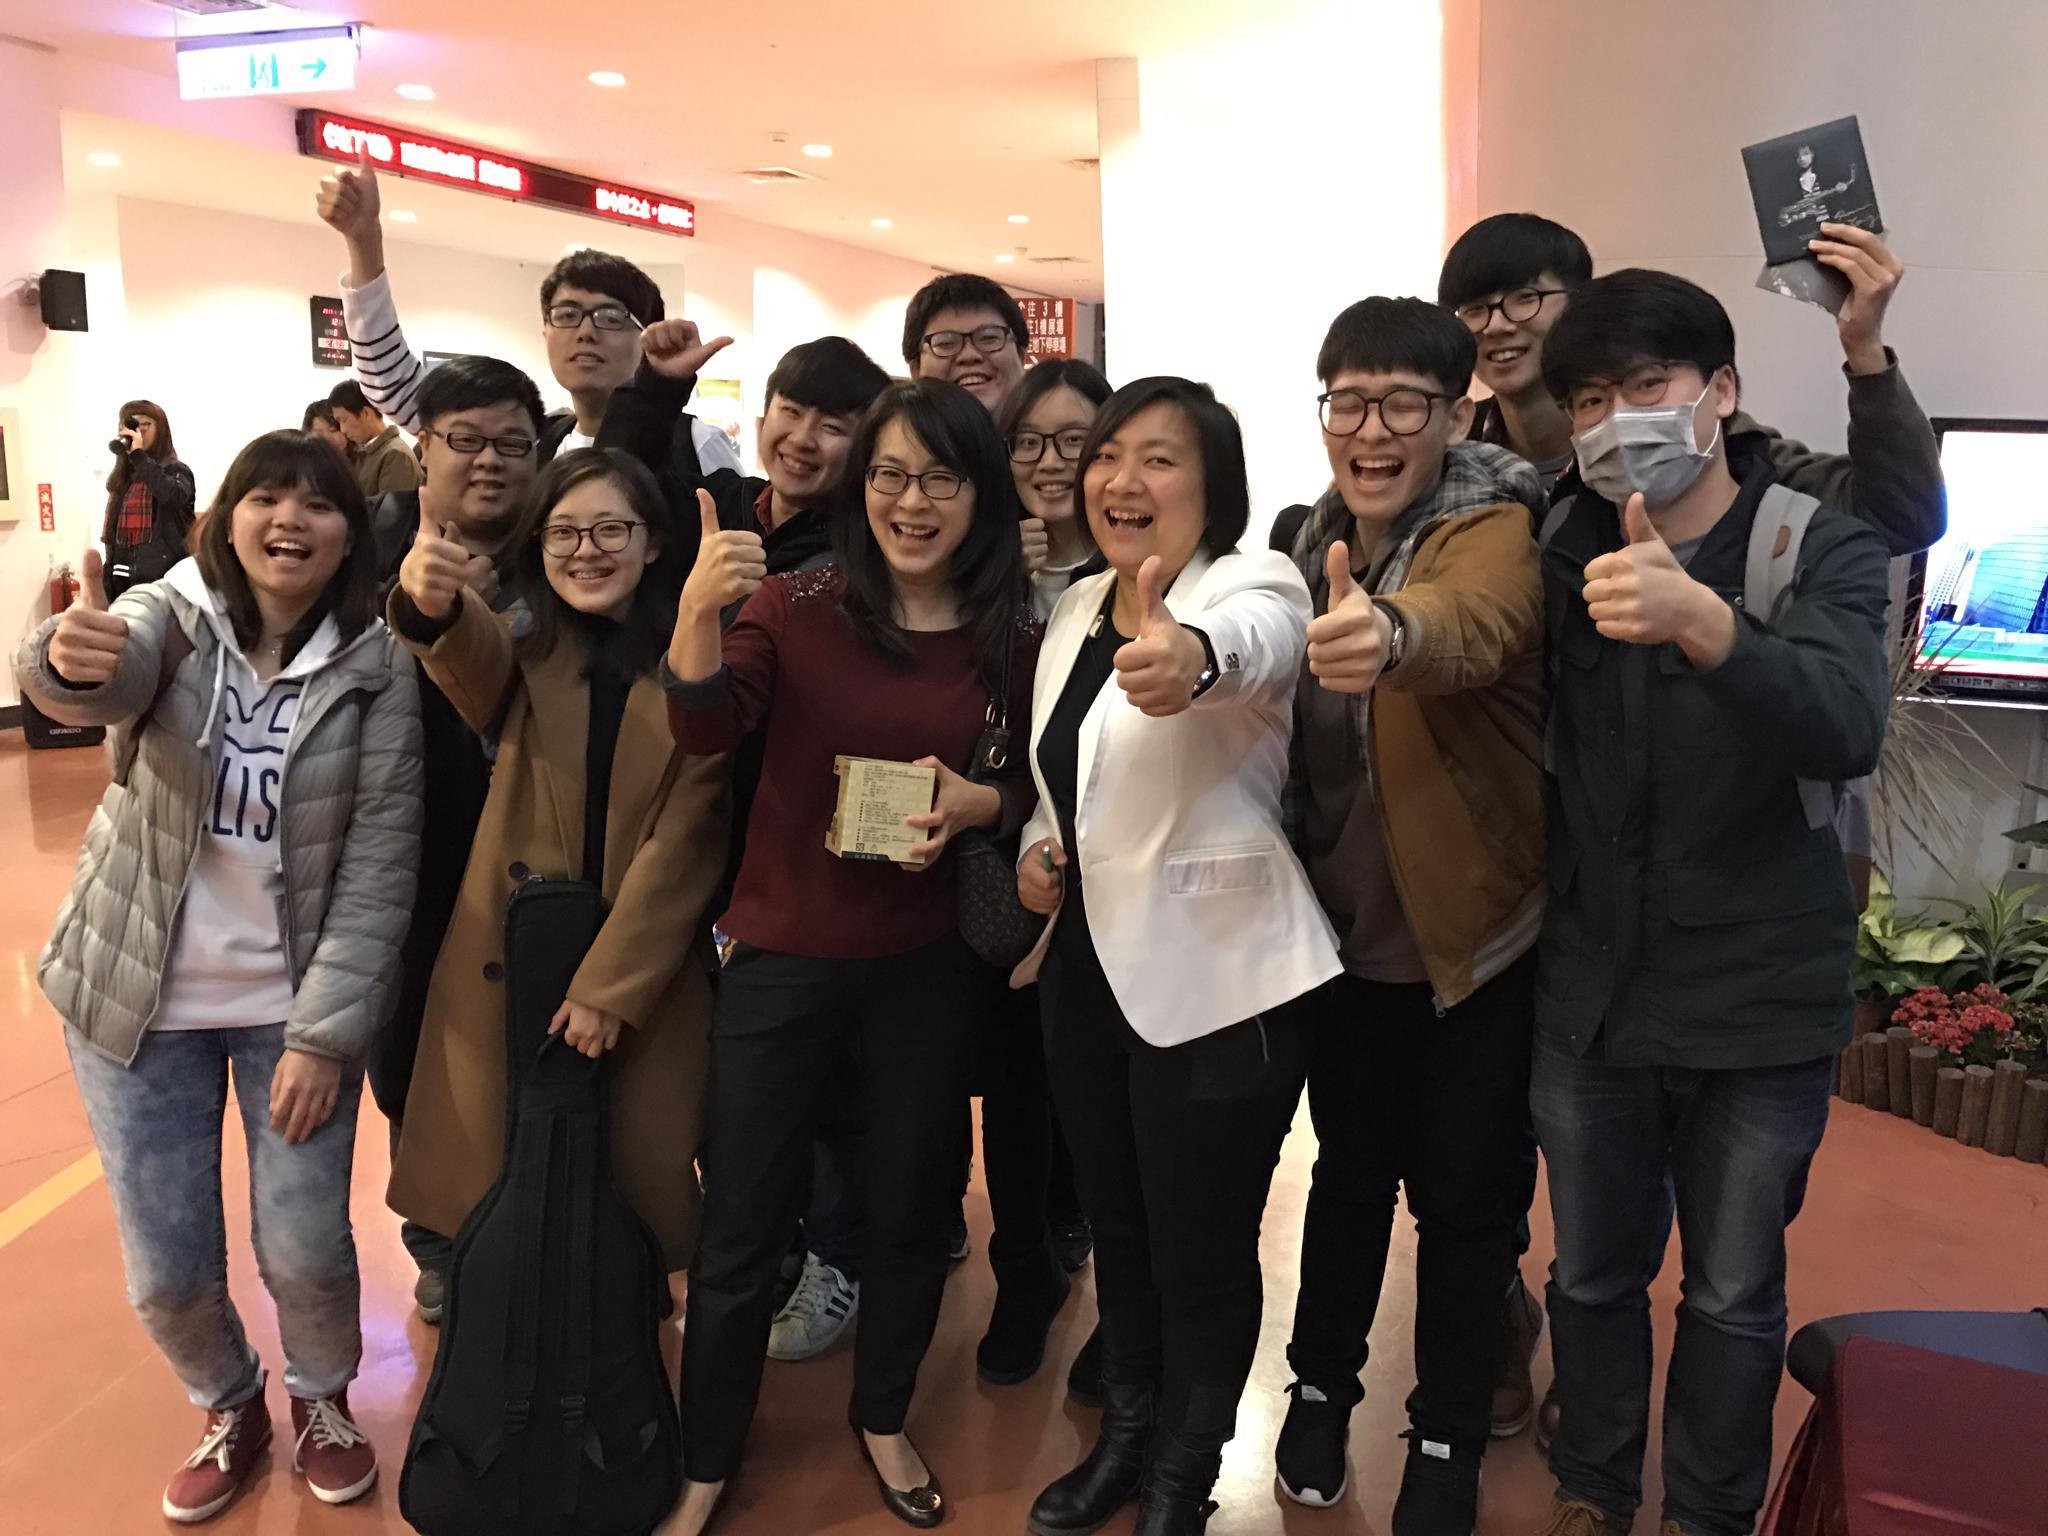 通稿照片7-獲第27屆金曲獎「最佳演奏類專輯」楊曉恩是中原數音老師,帶領實作讓每位同學在畢業時寫出屬於自己的主打歌.JPG